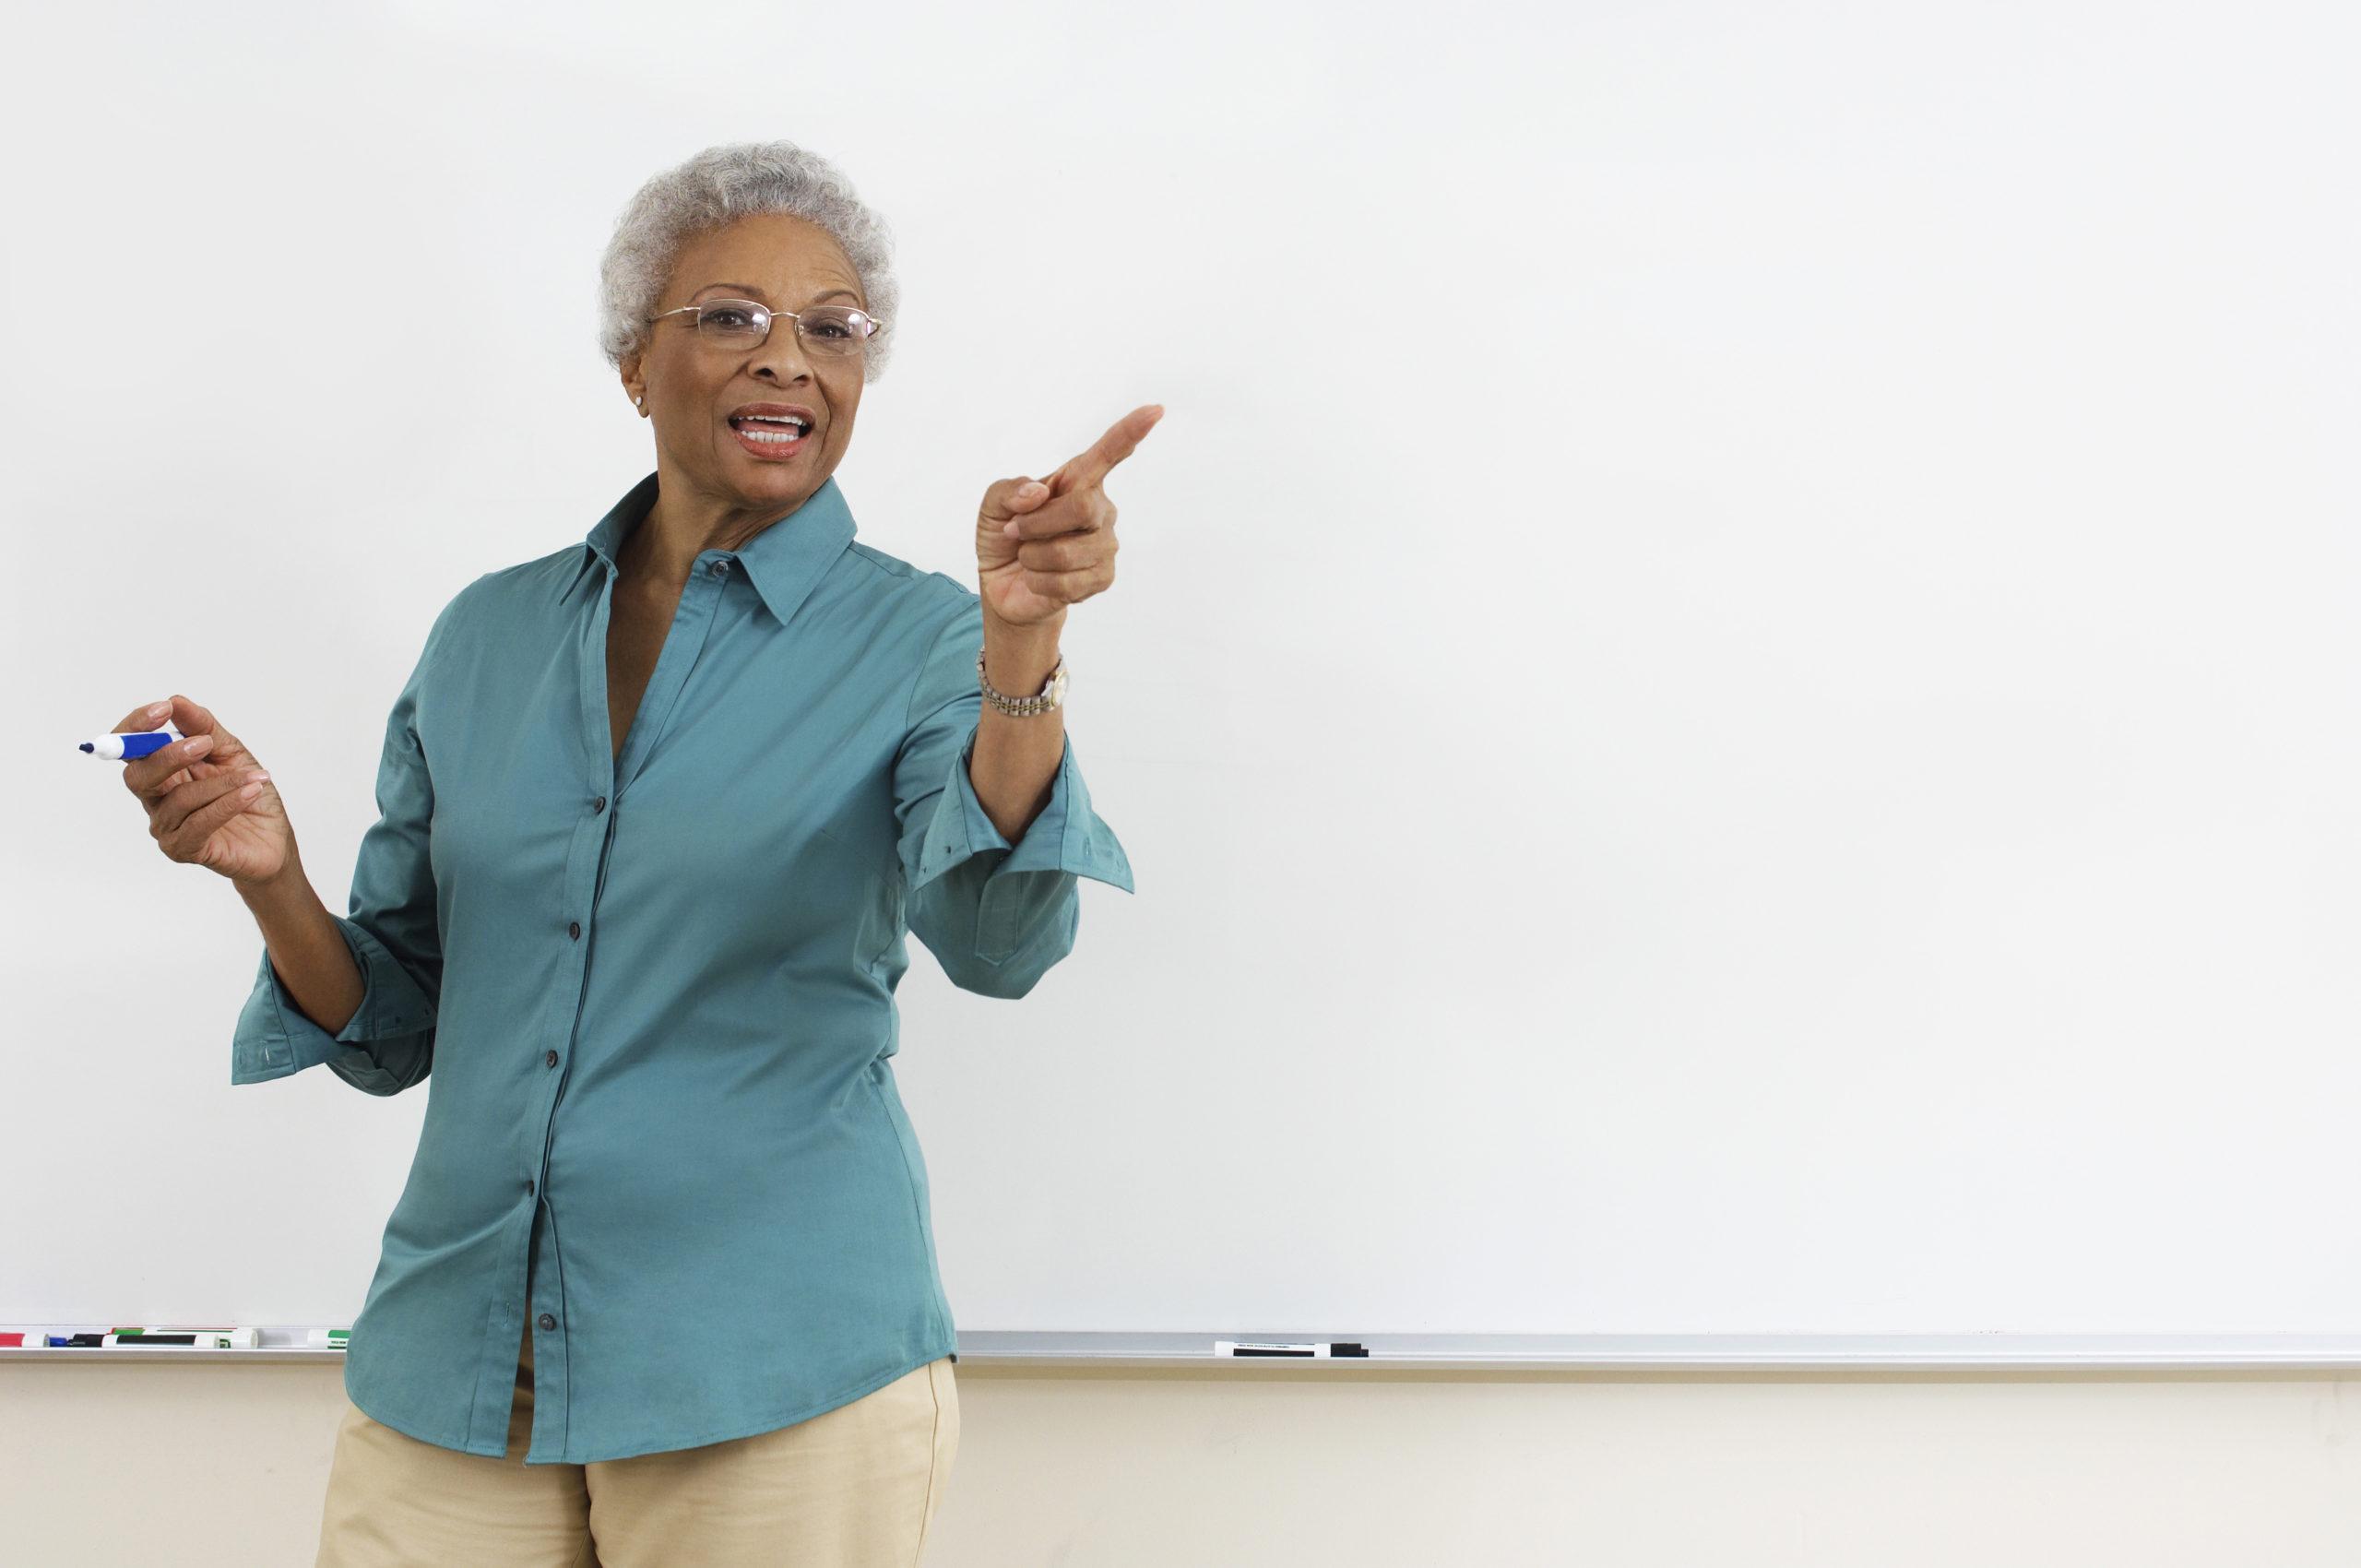 Professor Discrimination When College and University Professors Face Workplace Discrimination